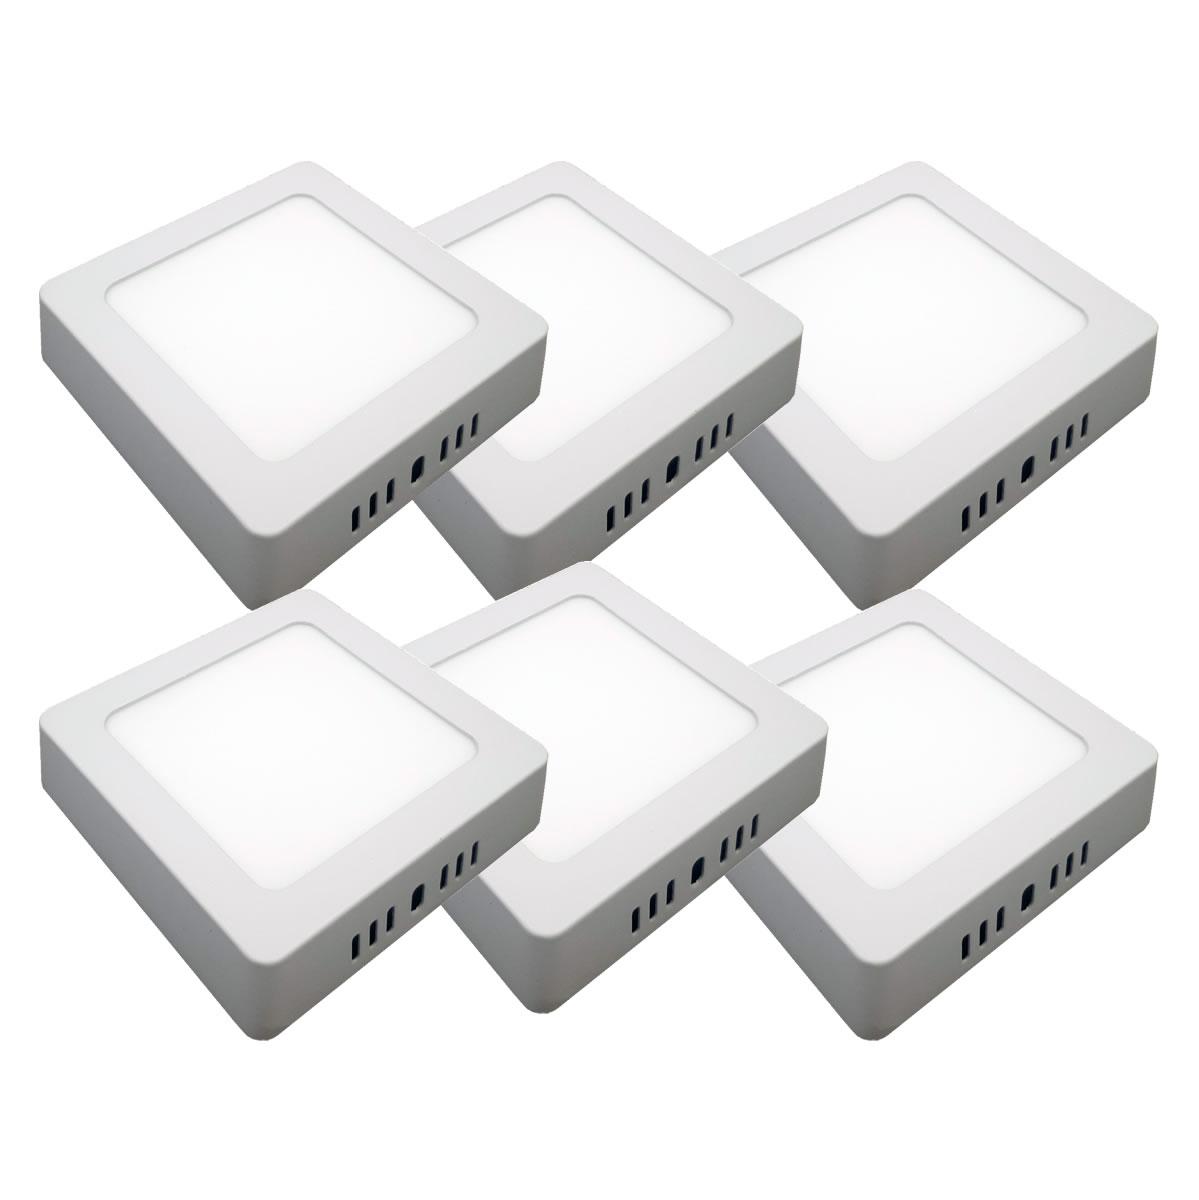 KIT 6 Painel Plafon LED 6w Quadrado Sobrepor Branco Quente Luminária